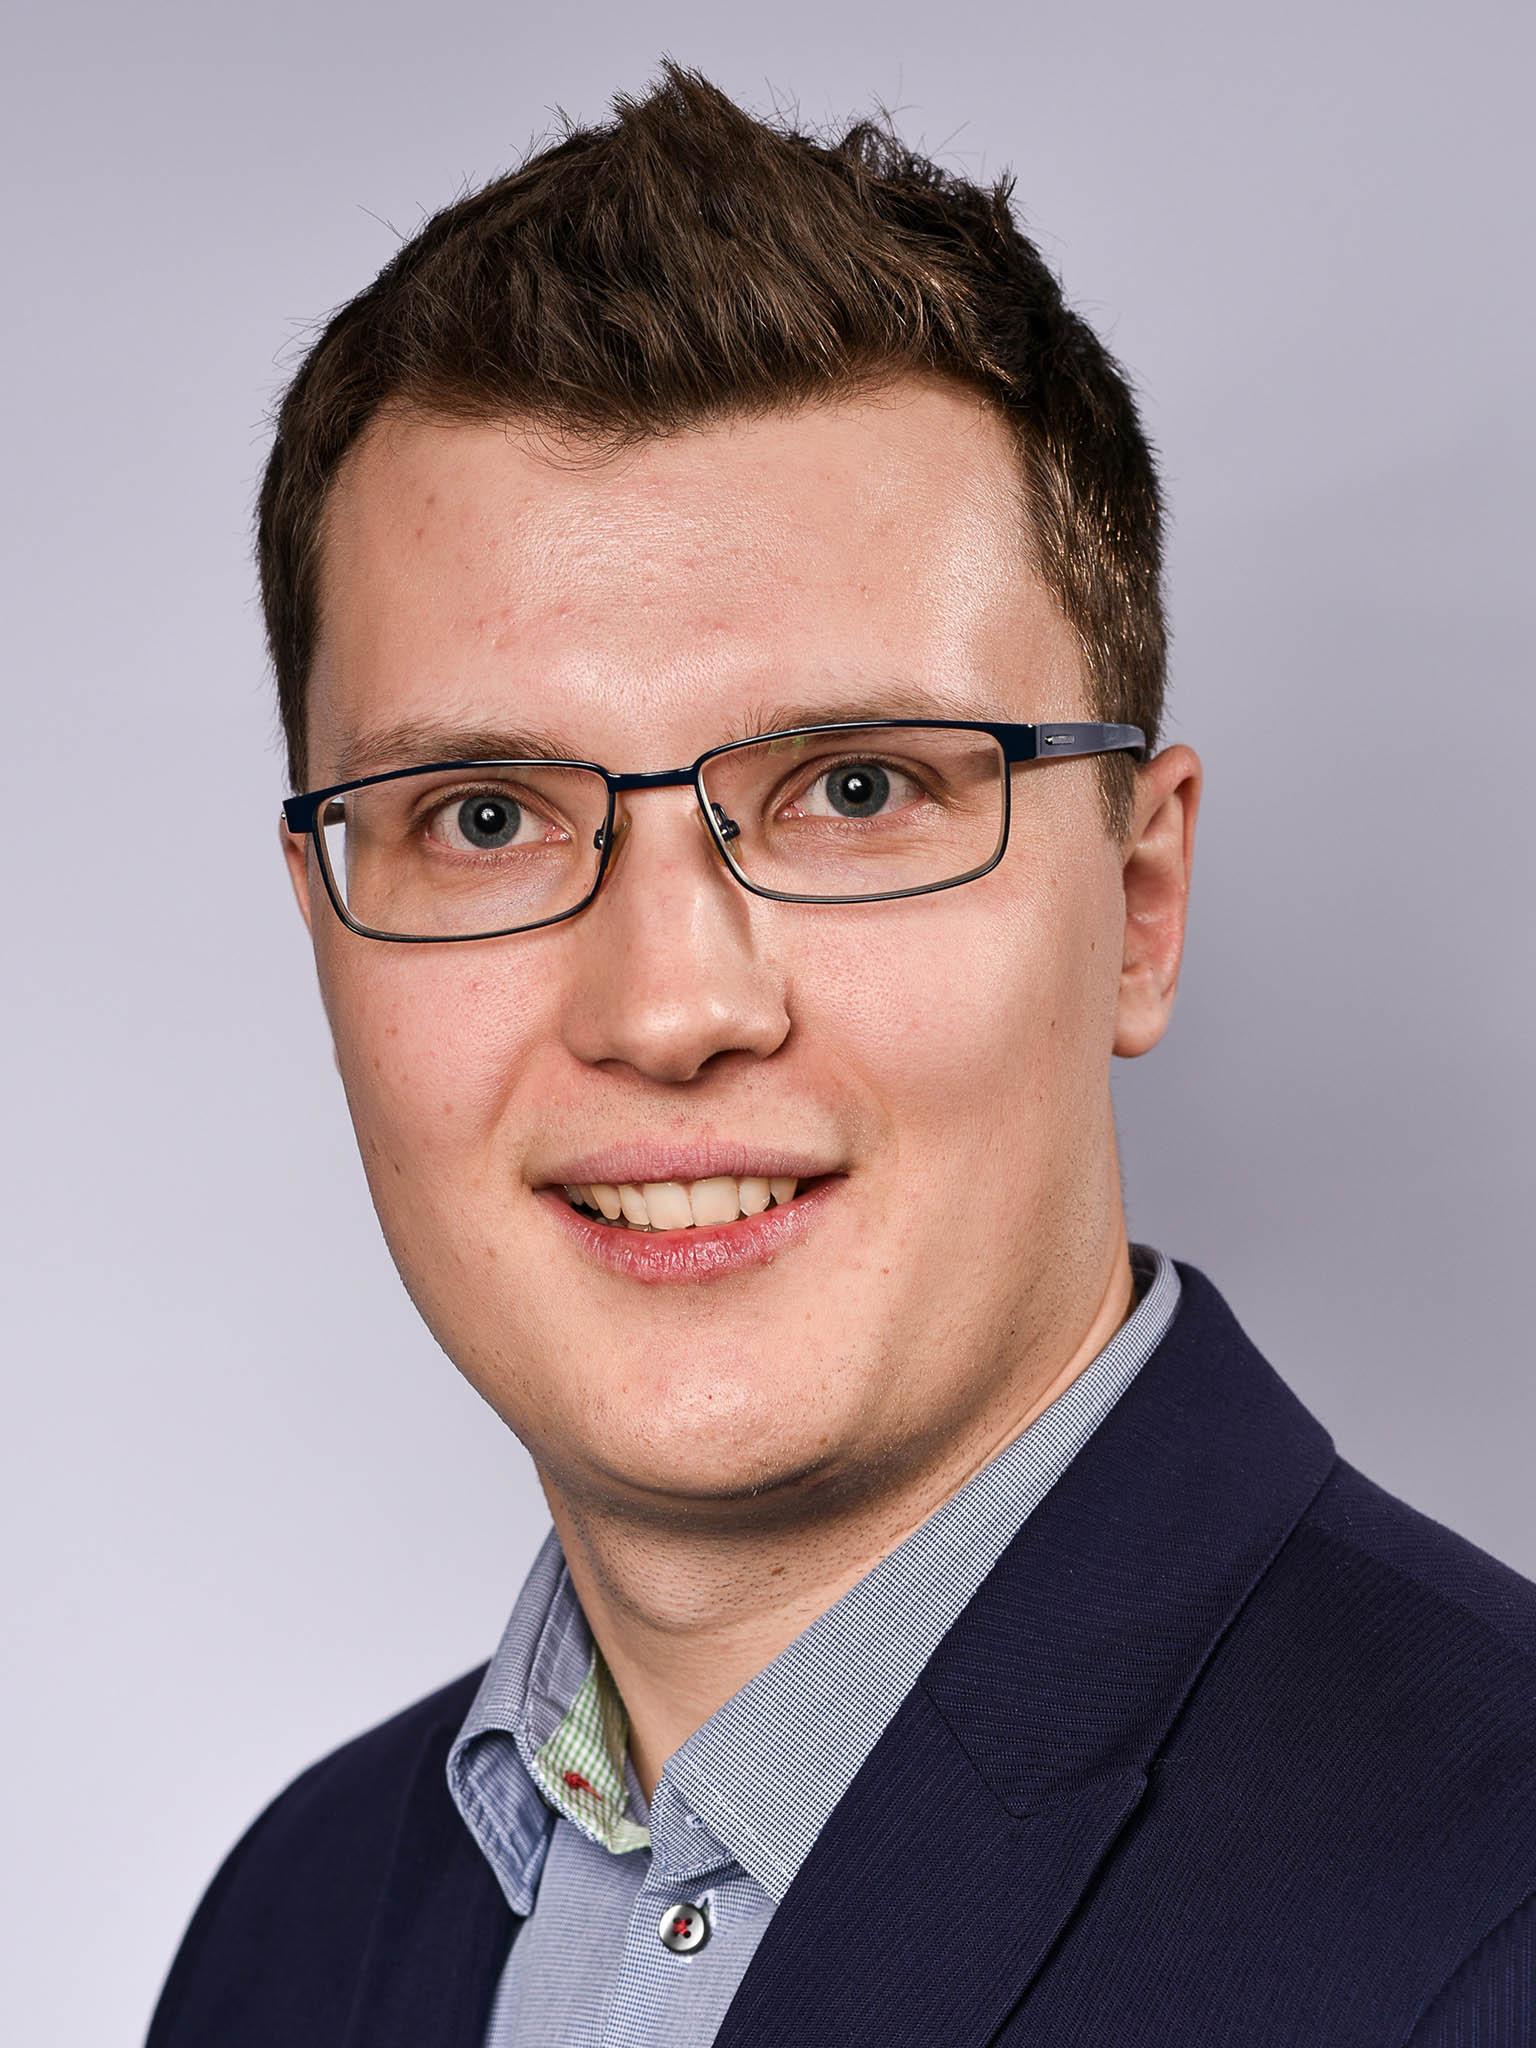 Jakub Pospíšil, ředitel pobočky pro korporátní klienty, Praha